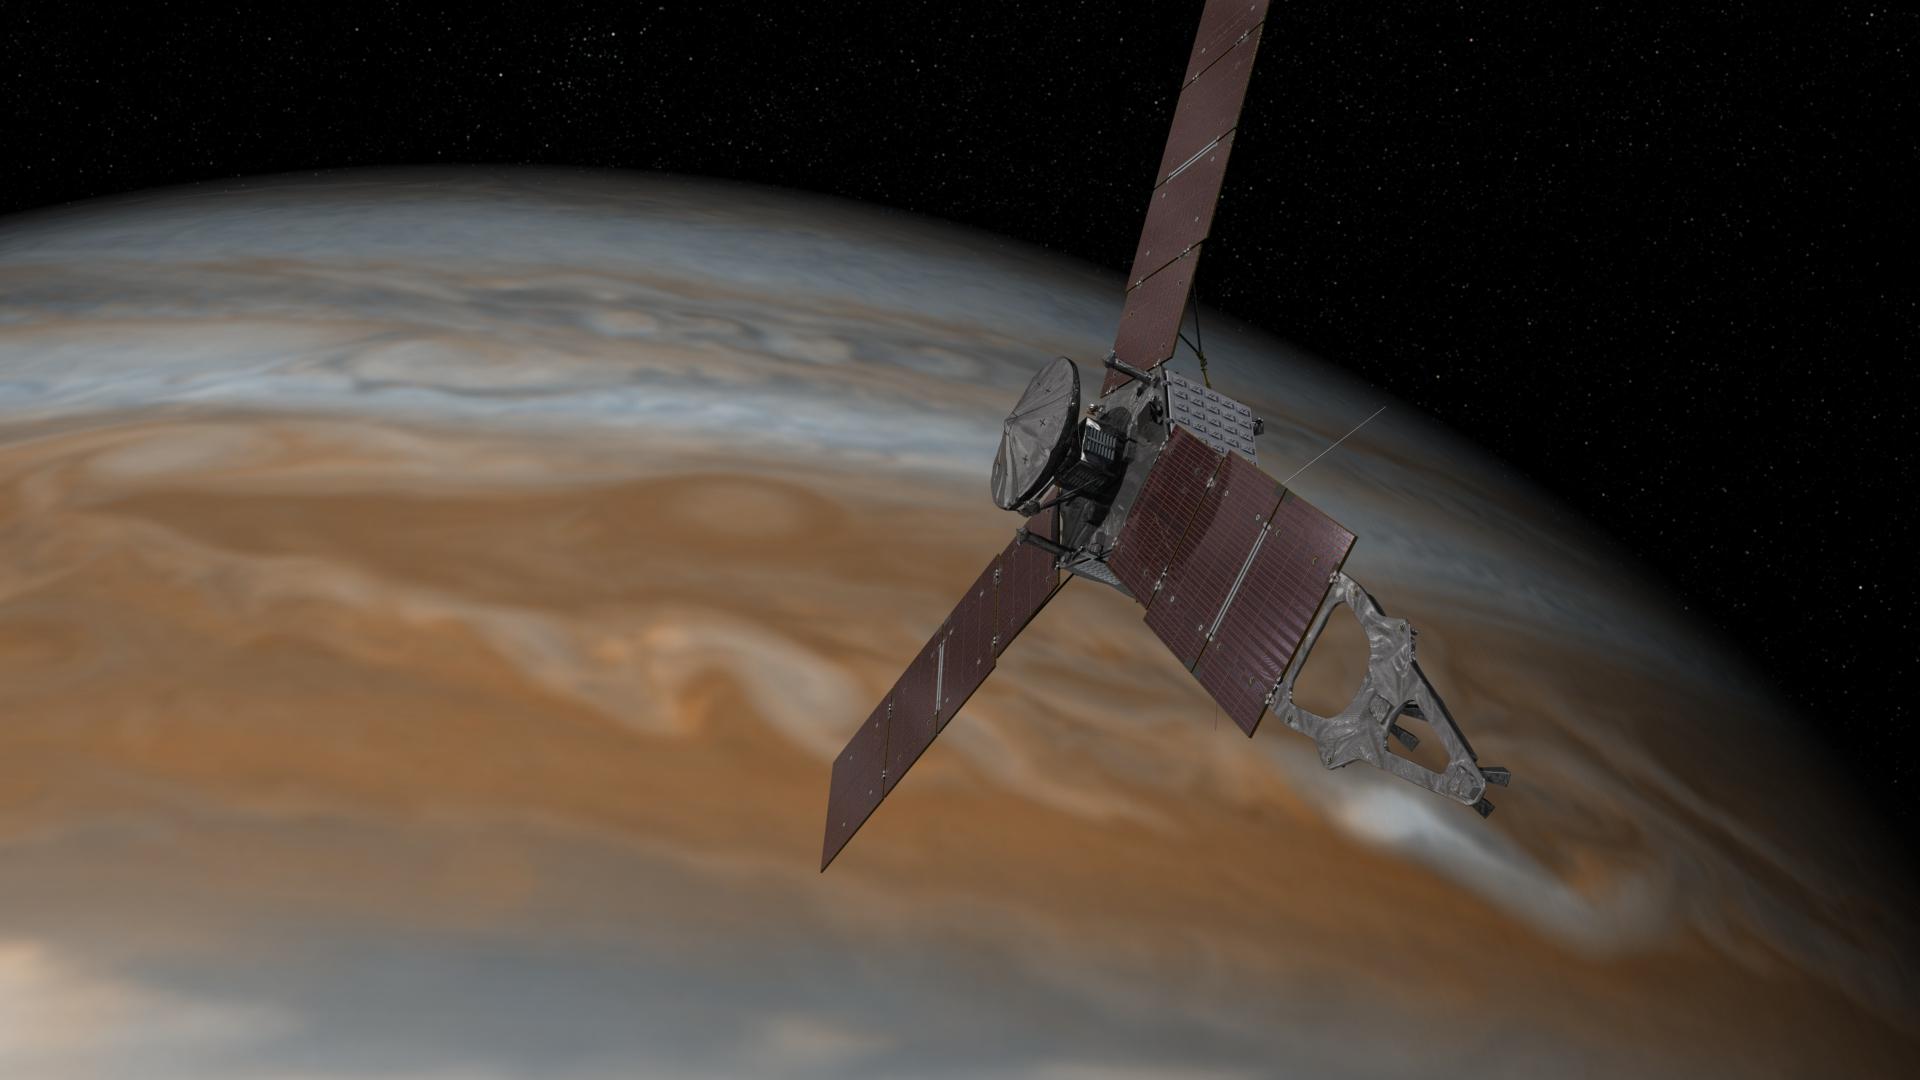 NASAs romsonde Juno forsker på Jupiters tilblivelse, sammensetning, rotasjon, atmosfære og magnetfelt. Grafikk: NASA/JPL